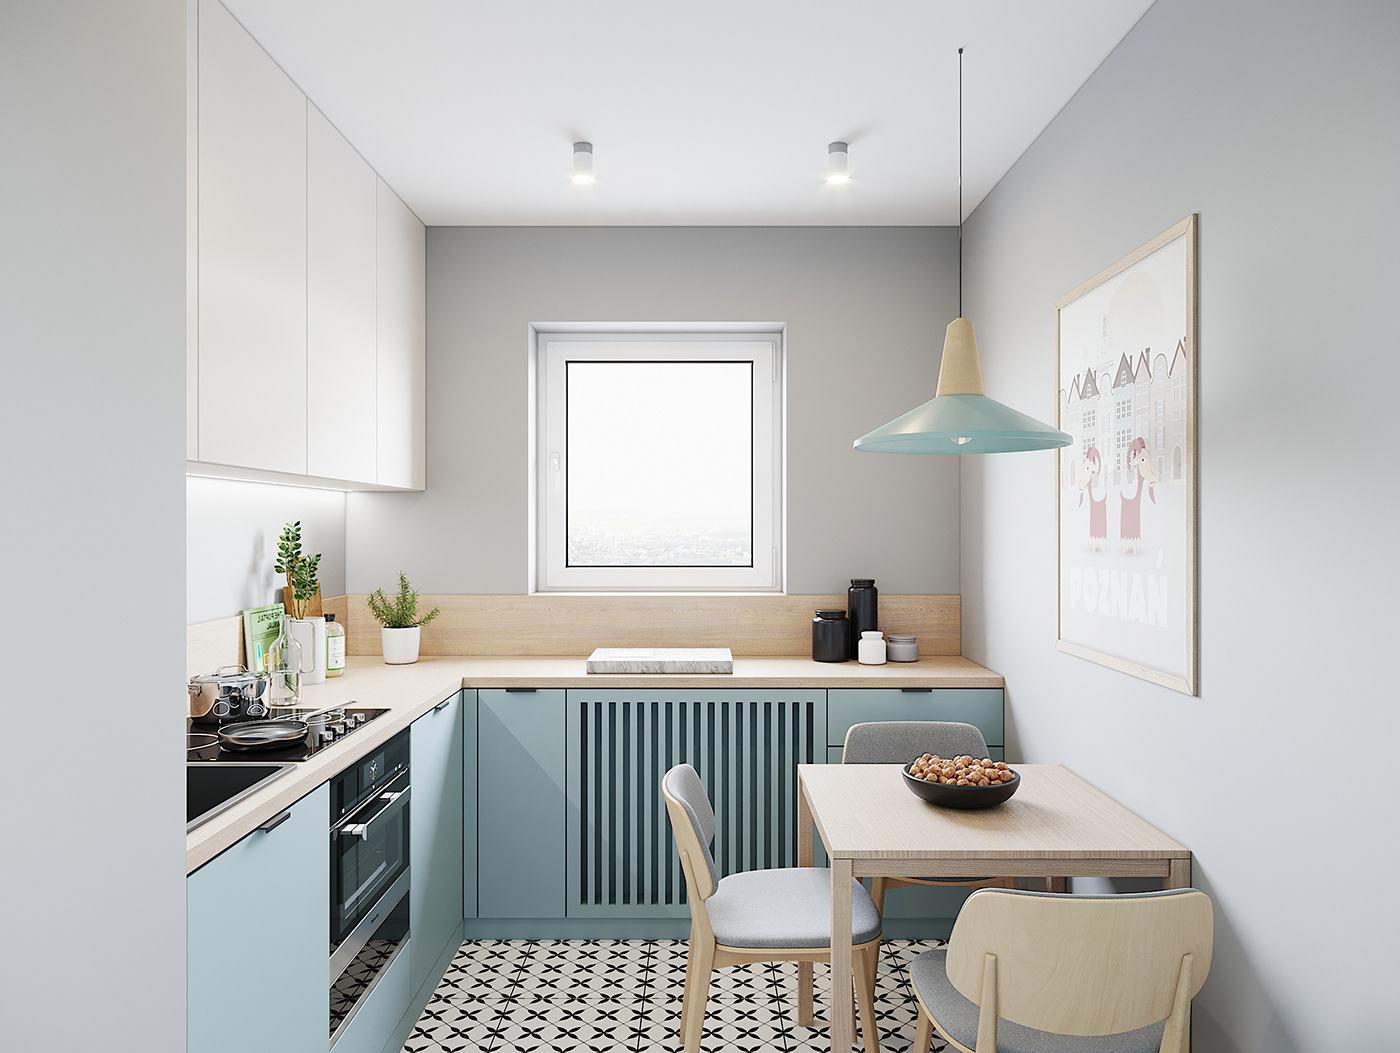 Kiến trúc sư vấn thiết kế căn hộ 67m² 3 phòng ngủ với chi phí 93 triệu đồng - Ảnh 6.